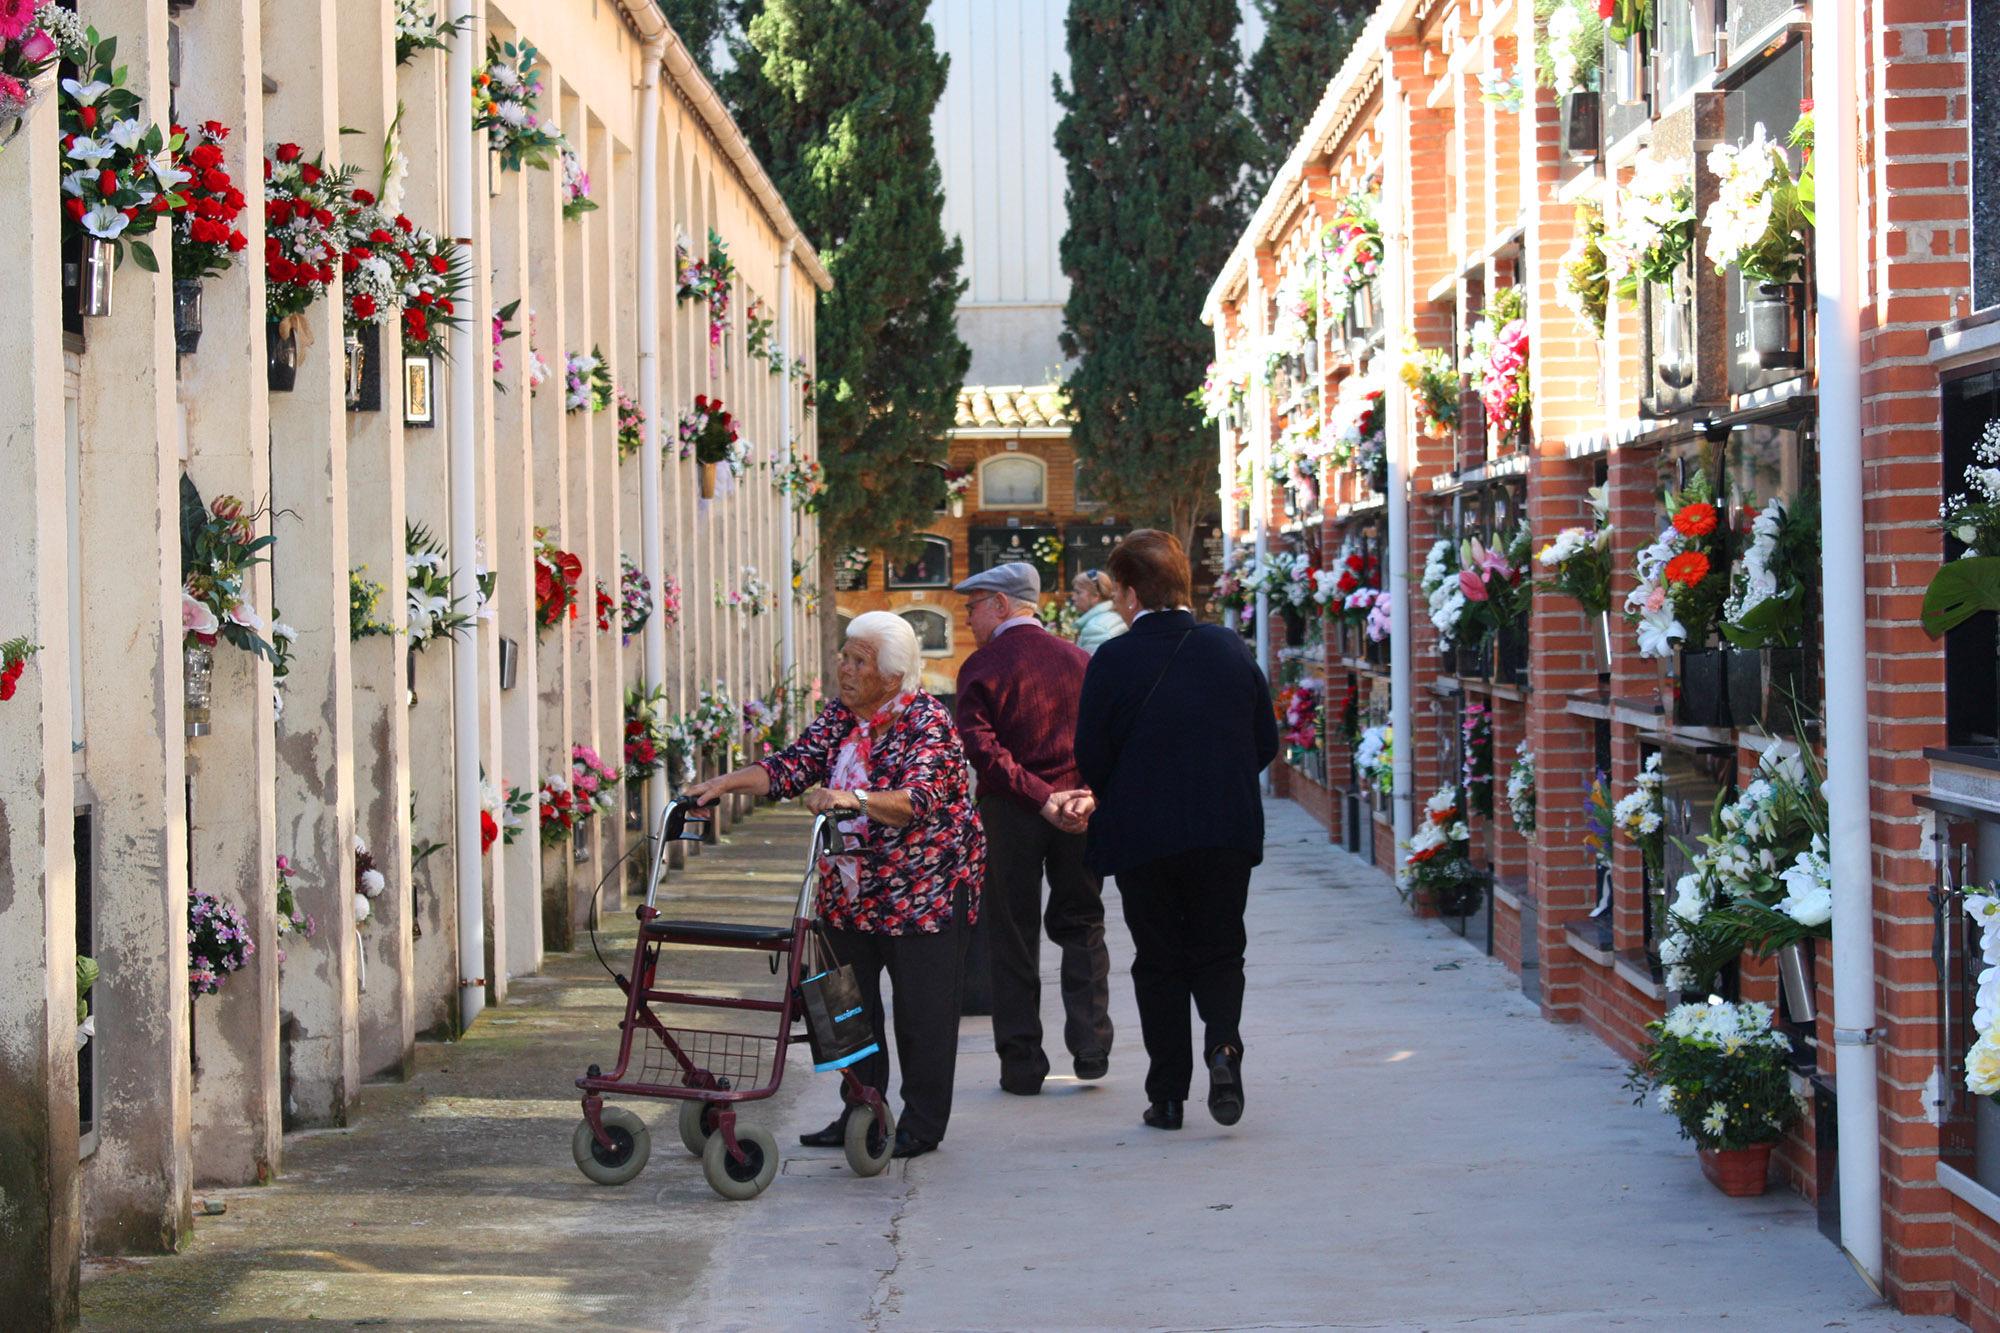 Almassora adjudica la ampliación del cementerio municipal por 175.000 euros